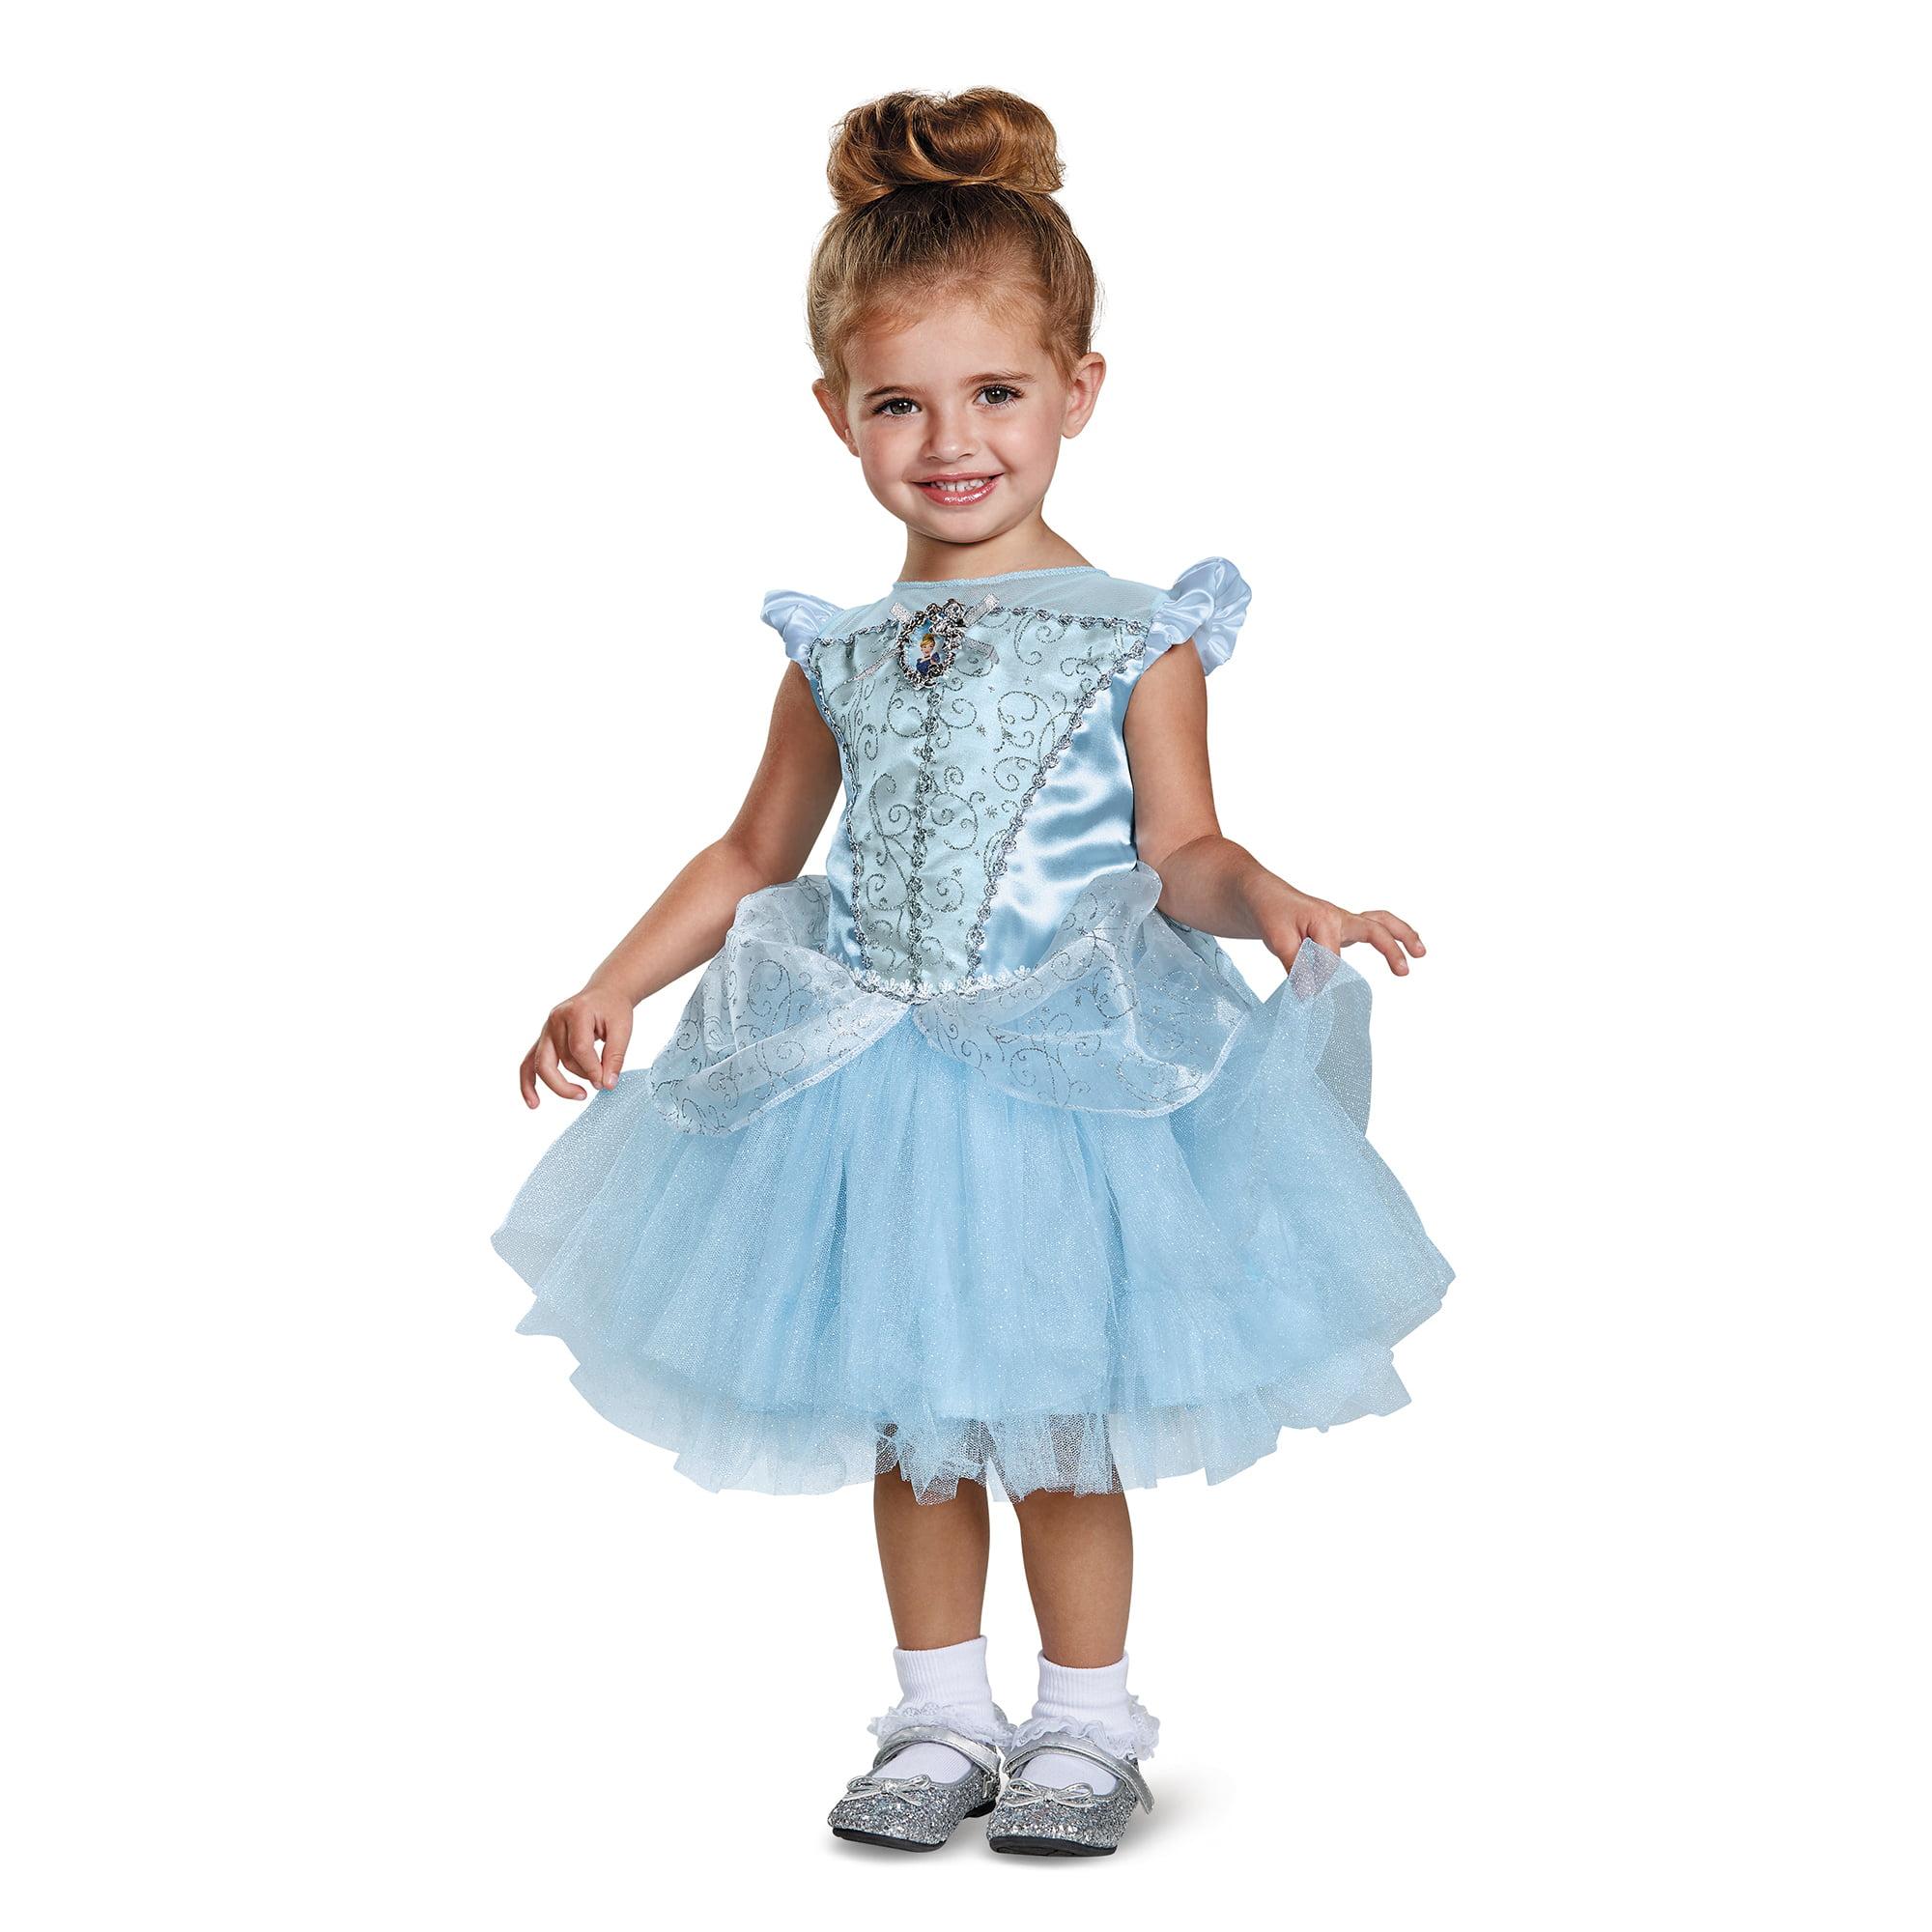 Cinderella Toddler Tutu Costume